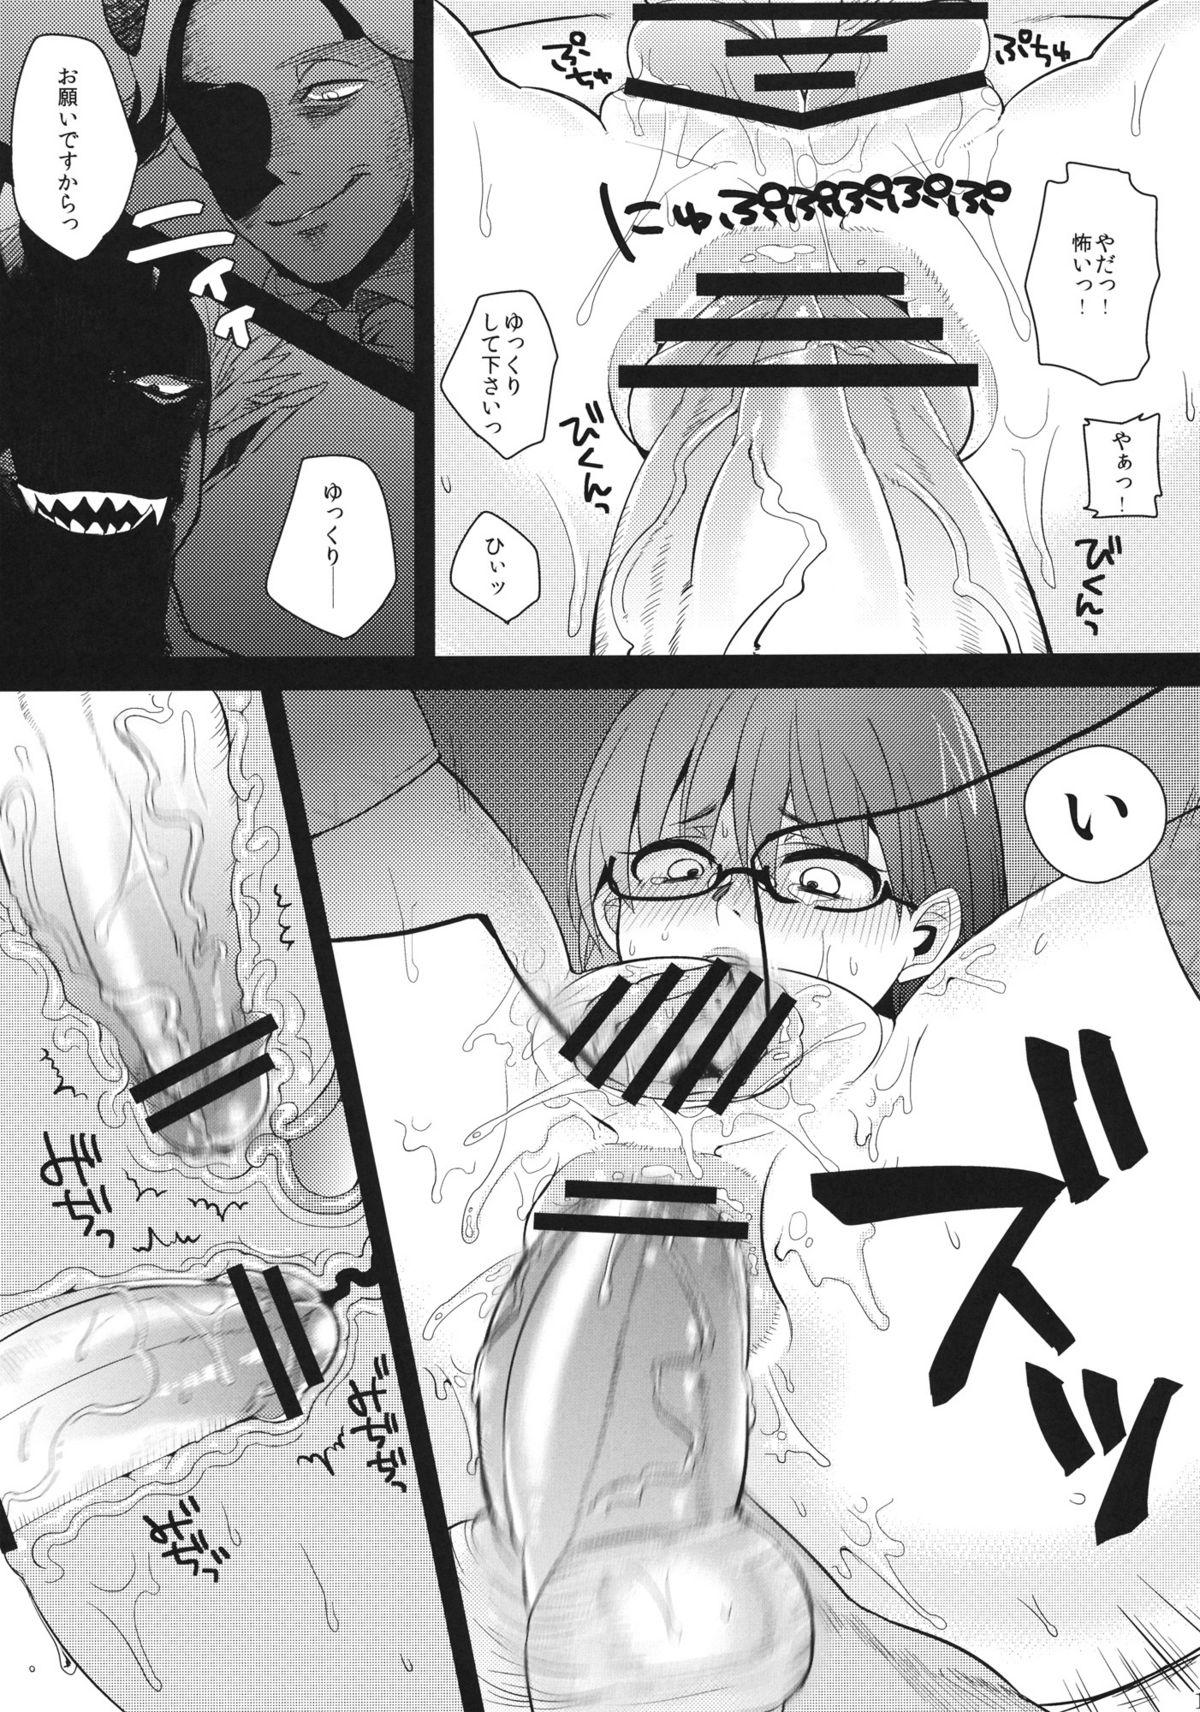 (SC53) [NIGHT★FUCKERS, Dodo Fuguri (Mitsugi, Shindou)] Yararetemasuyo, Sakuma Rinko-san. | You're Being Raped, Sakuma-san (Yondemasuyo, Azazel-san) 17